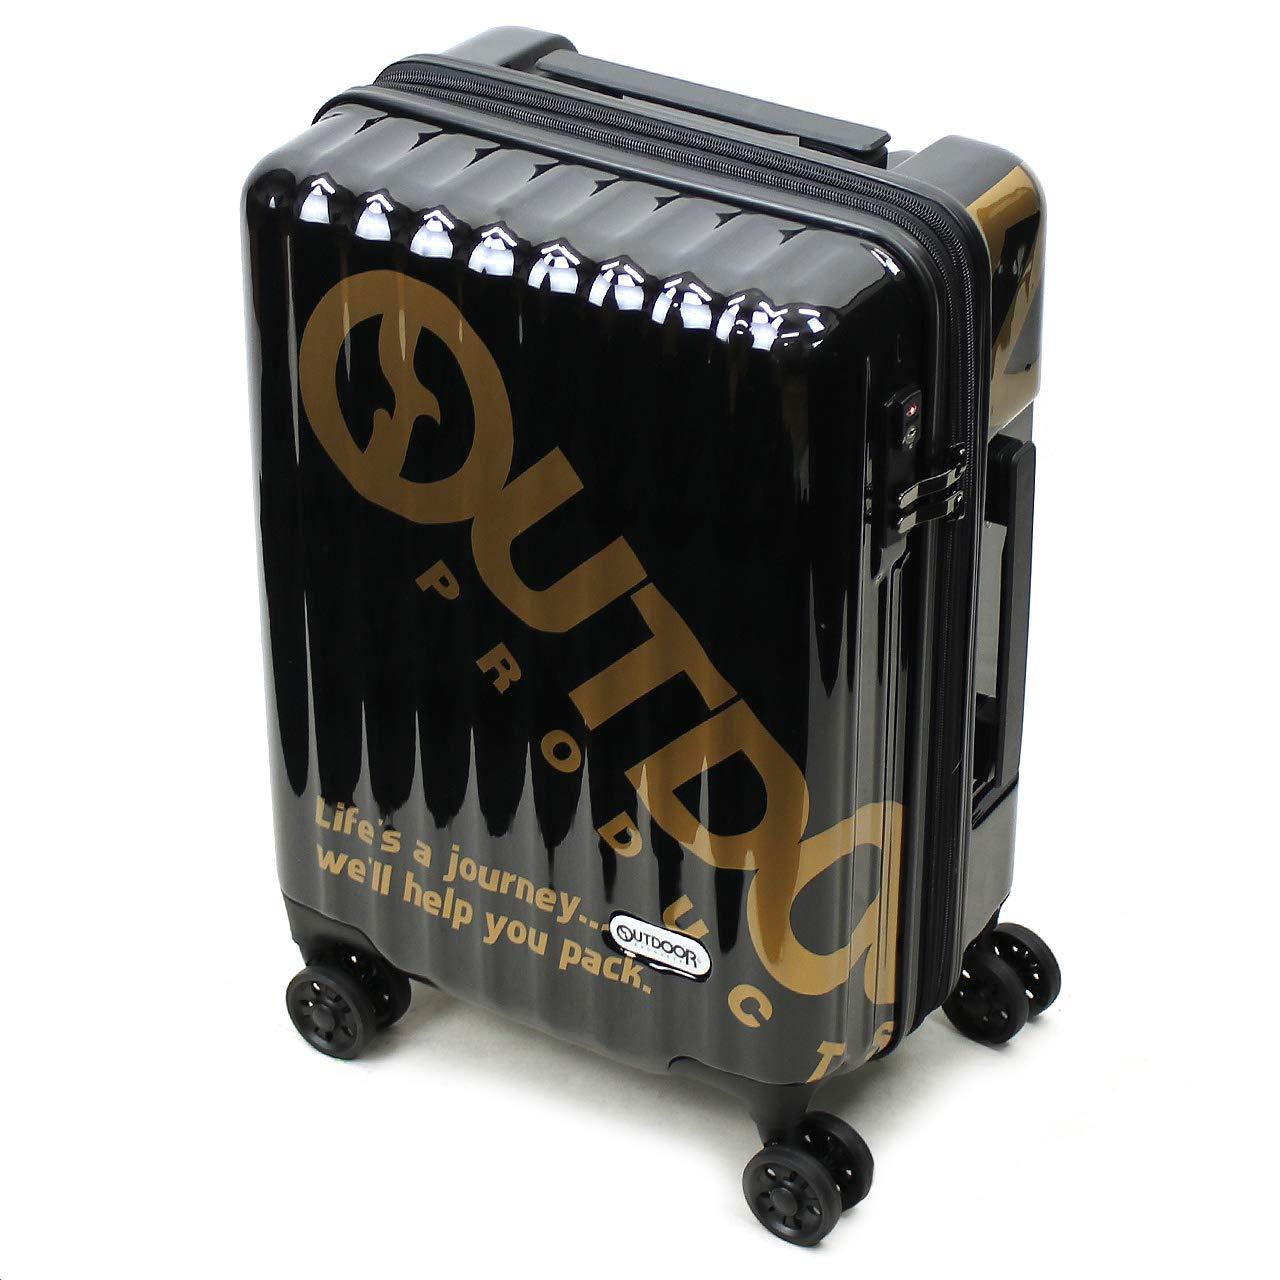 [OUTDOOR PRODUCTS(アウトドアプロダクツ)] スーツケース 38~43L 48cm 3kg 機内持ち込み OD-0796-48  ブラック/ゴールド B07QC75GJD